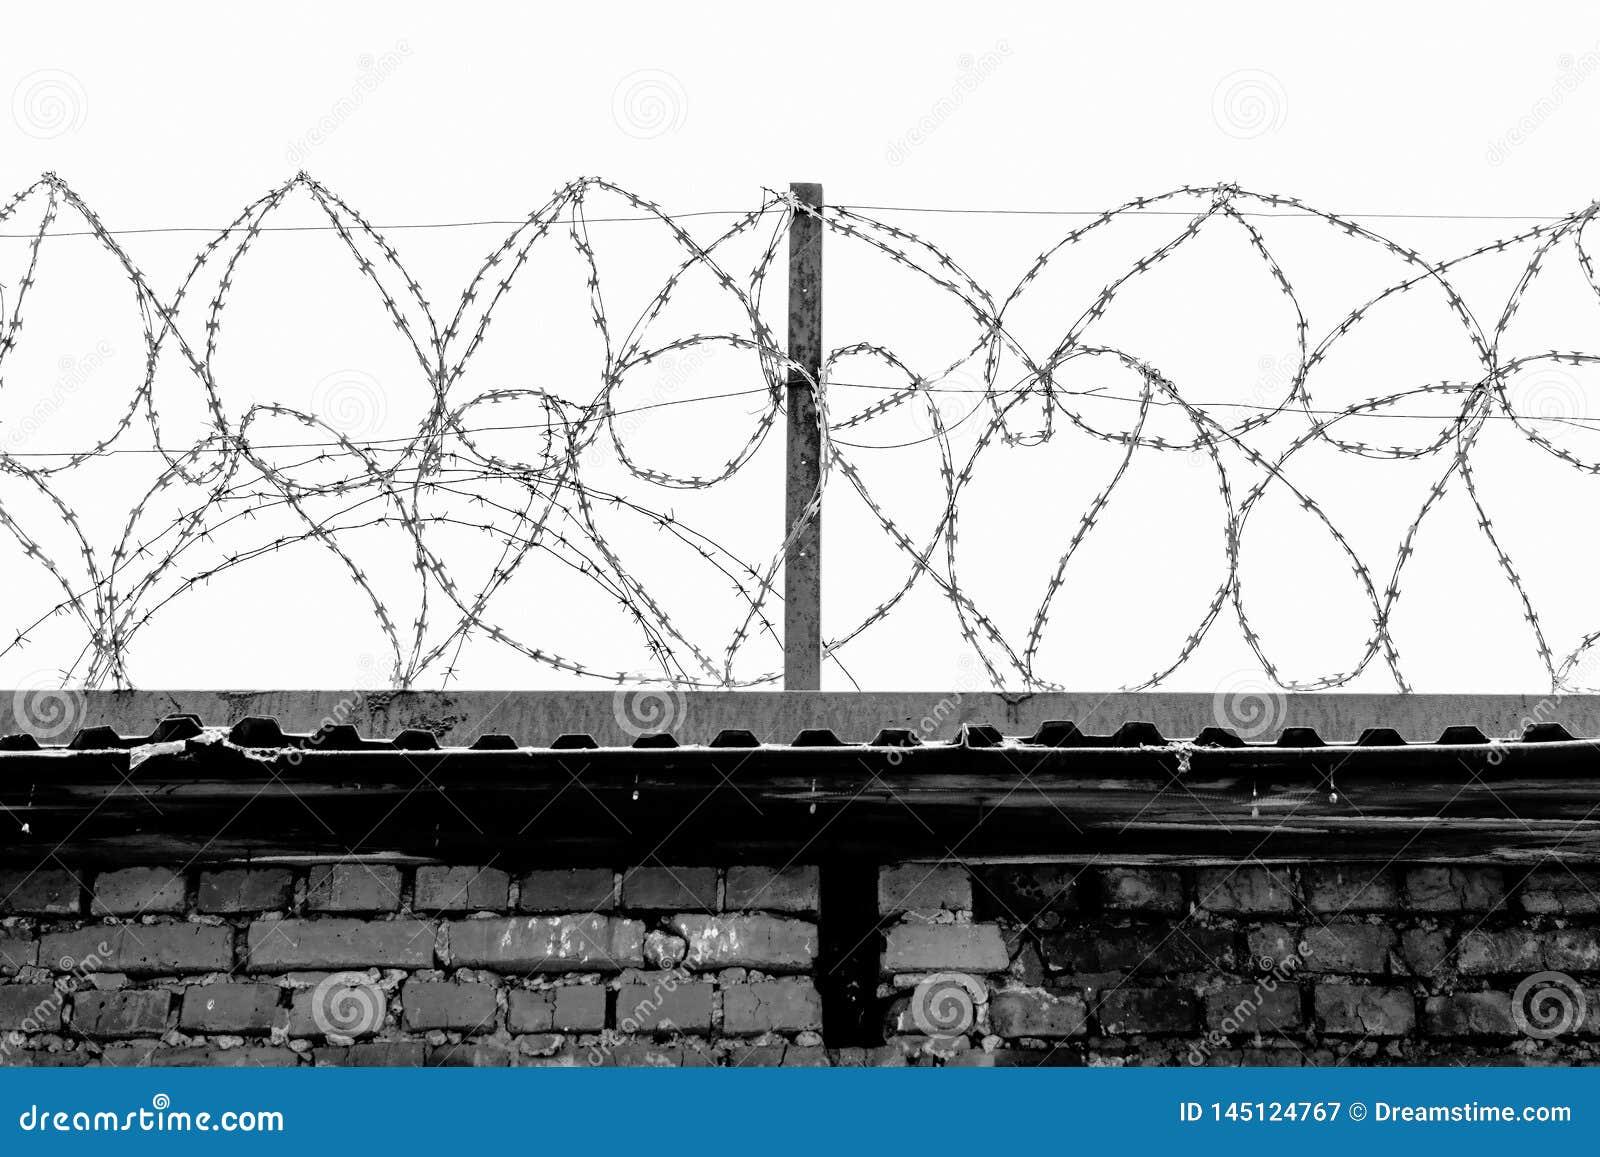 Staalbundels van gerold prikkeldraad op de omheining van de gevangenis tegen de grijze hemel